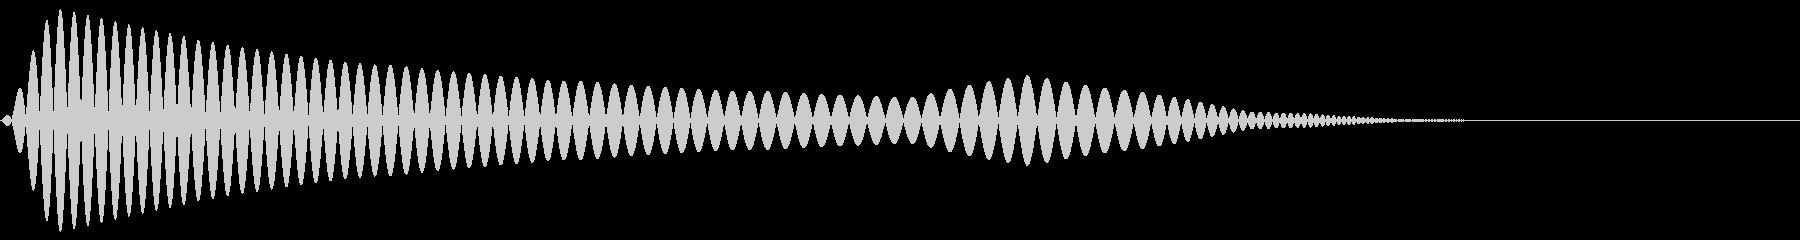 ポウ↓(キャンセル・戻る操作音)の未再生の波形